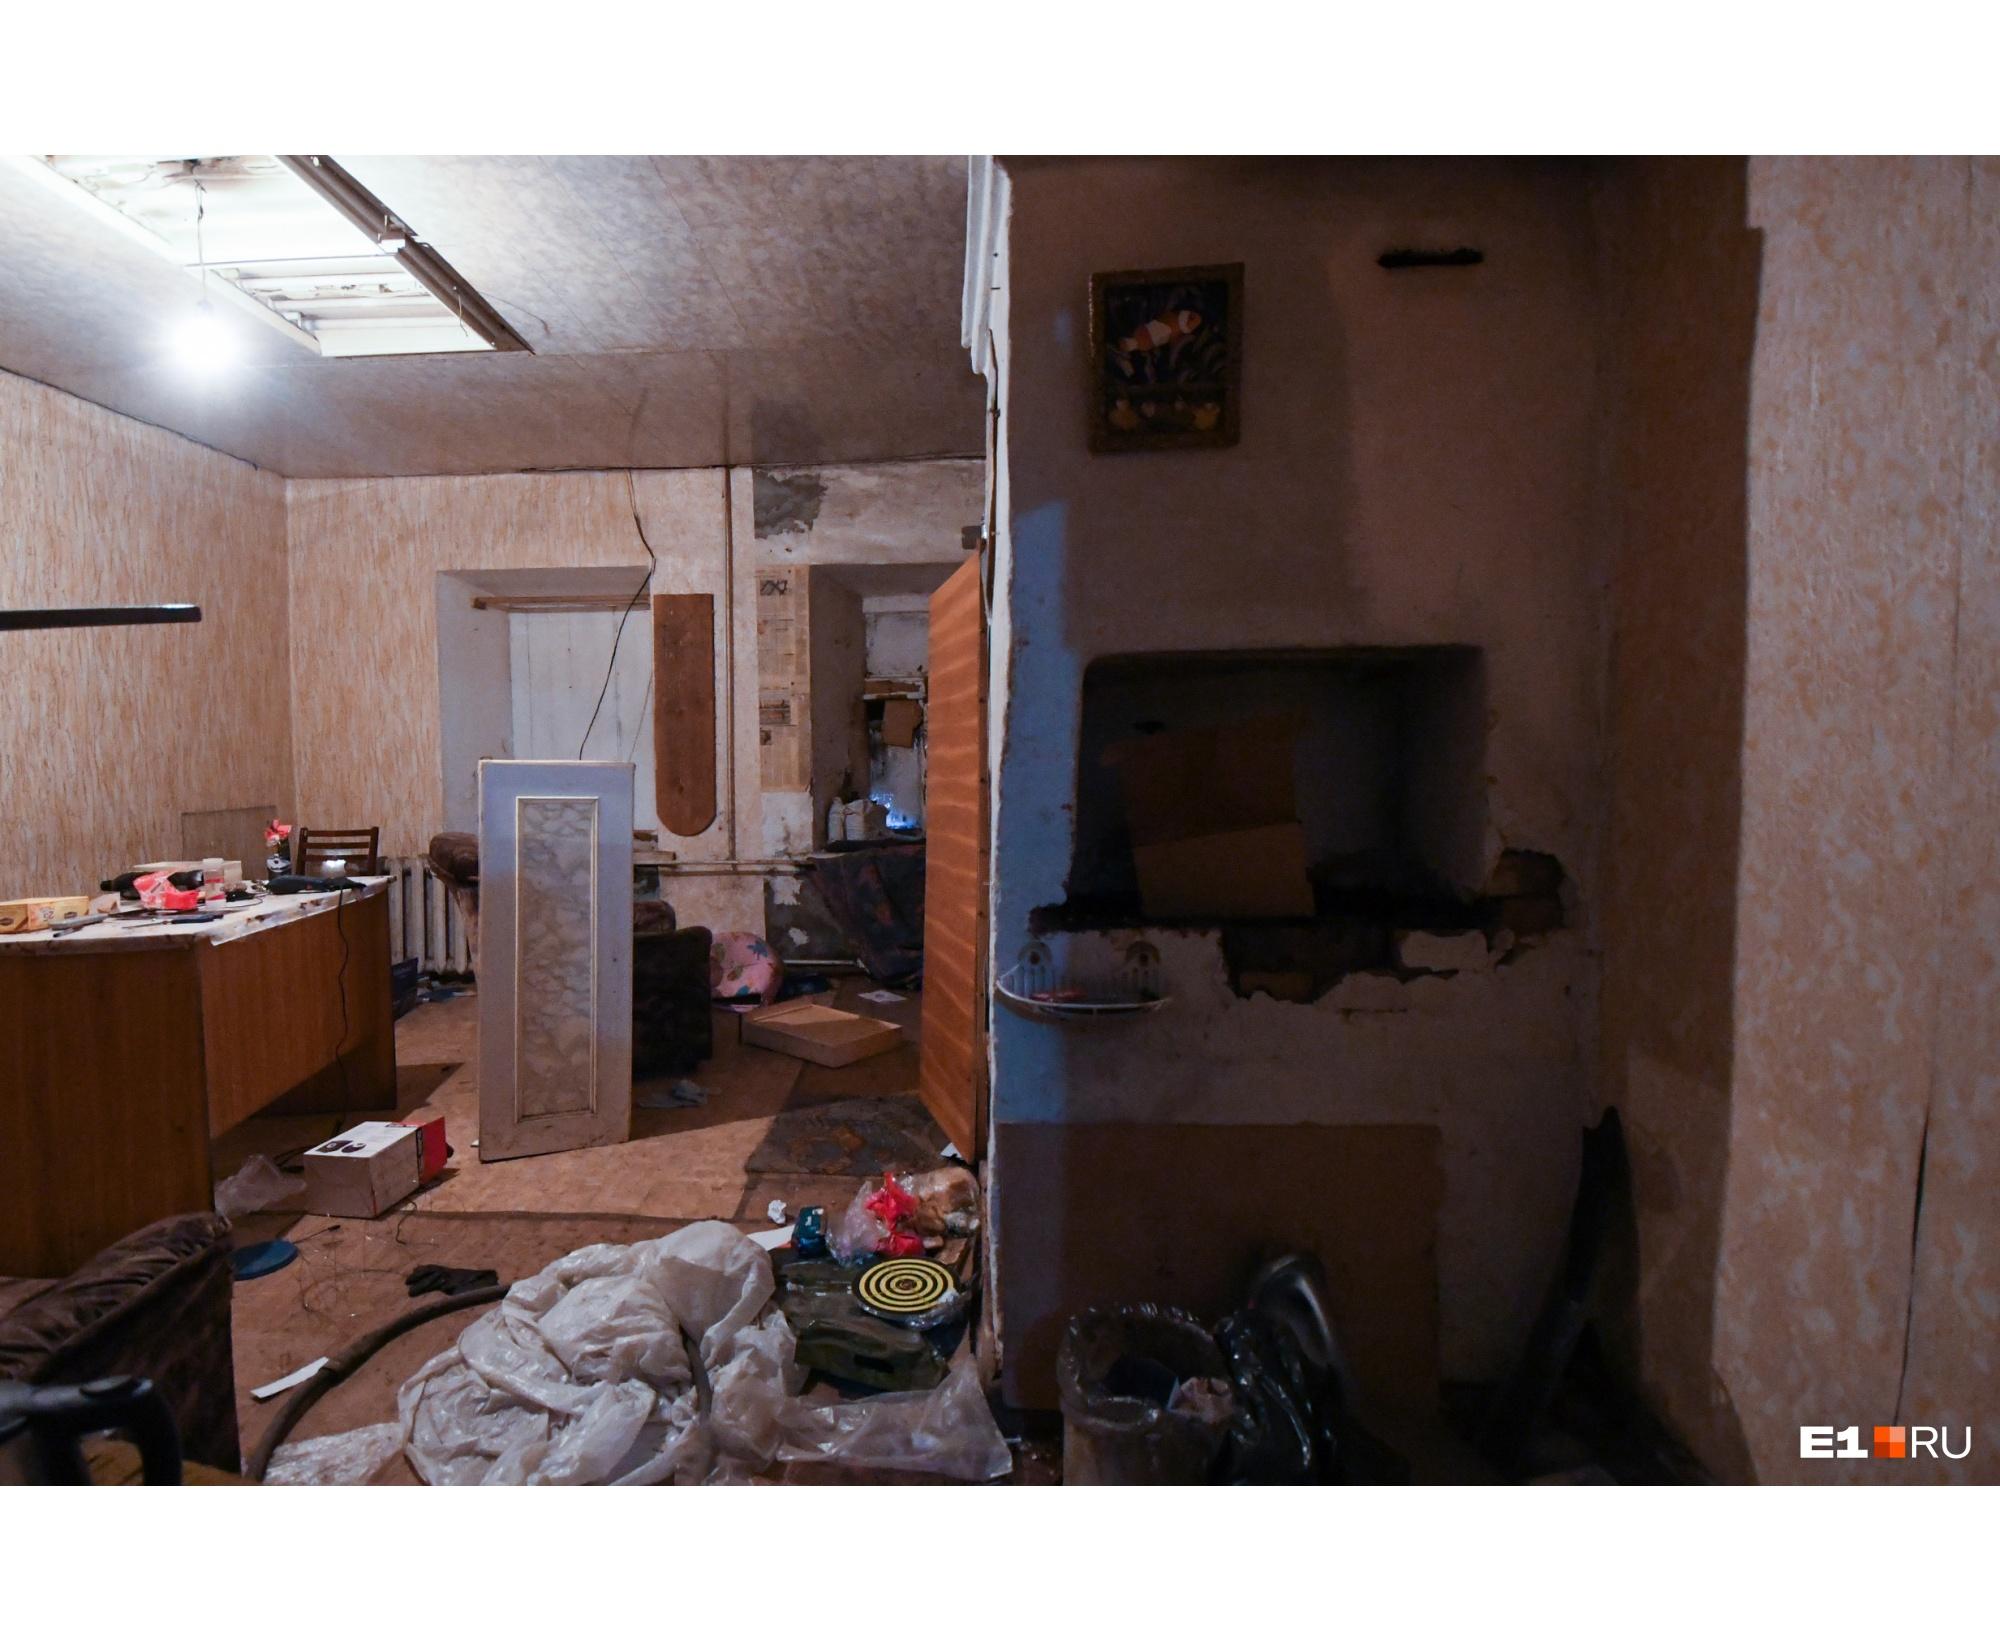 Во всех комнатах валяются остатки мебели и мусор